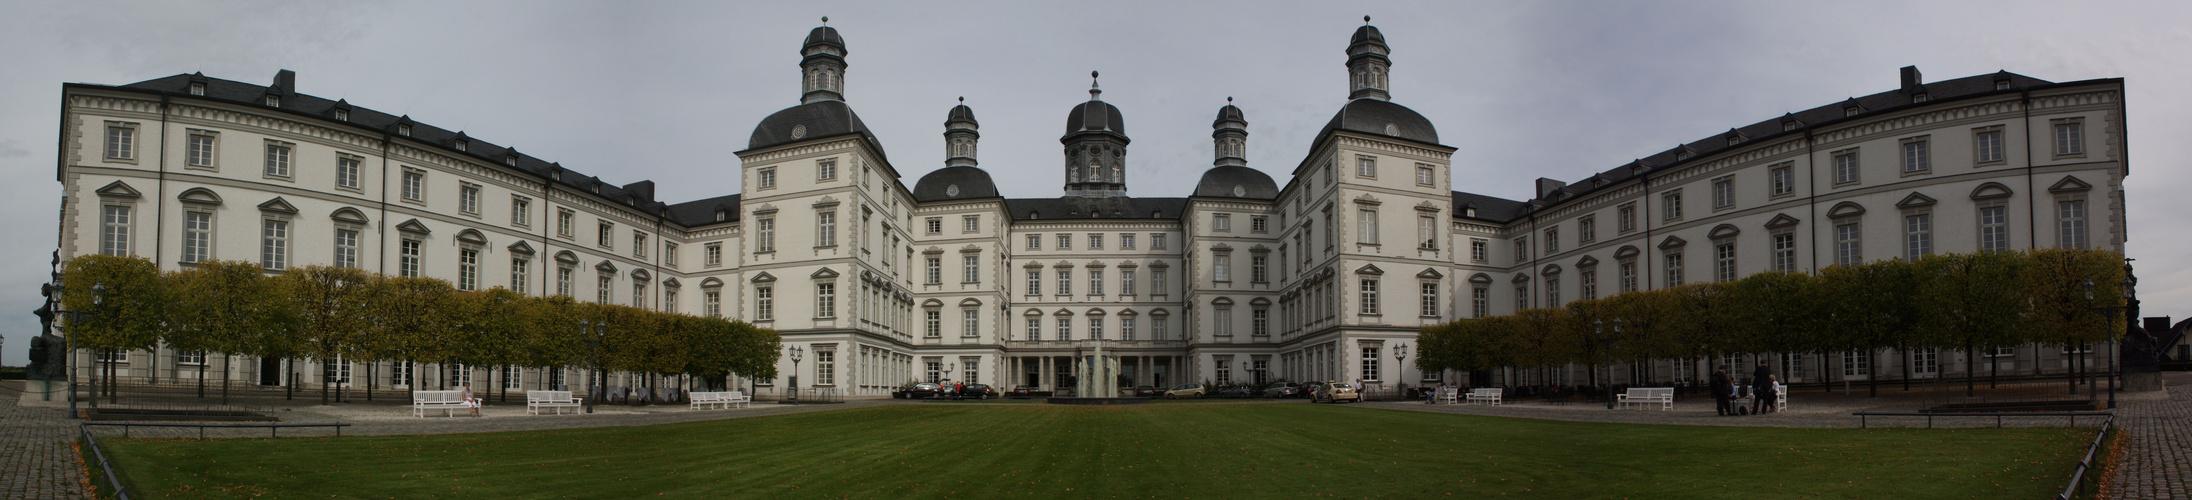 Schloss Bensberg anno 2011, September 9